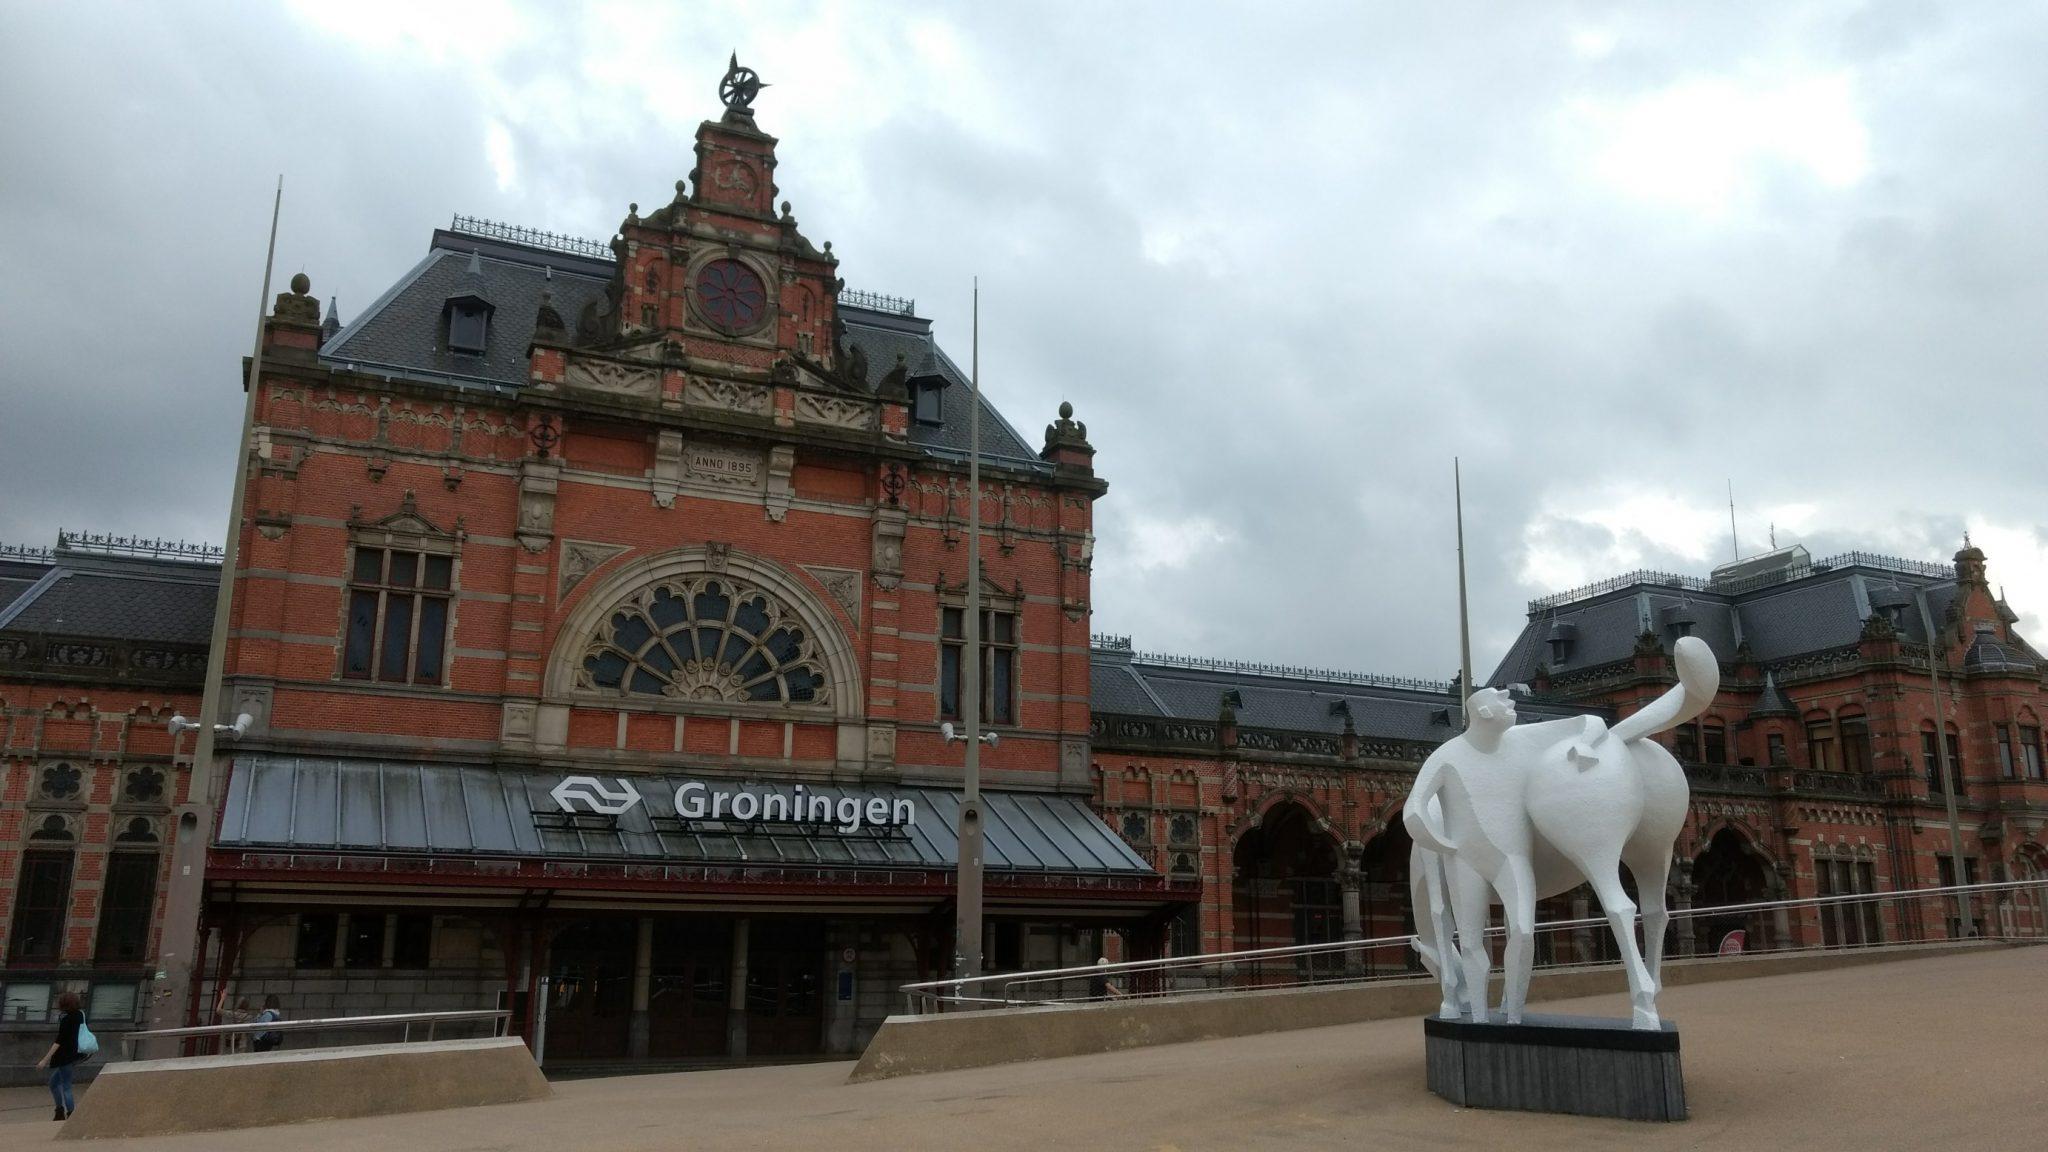 NS Groningen